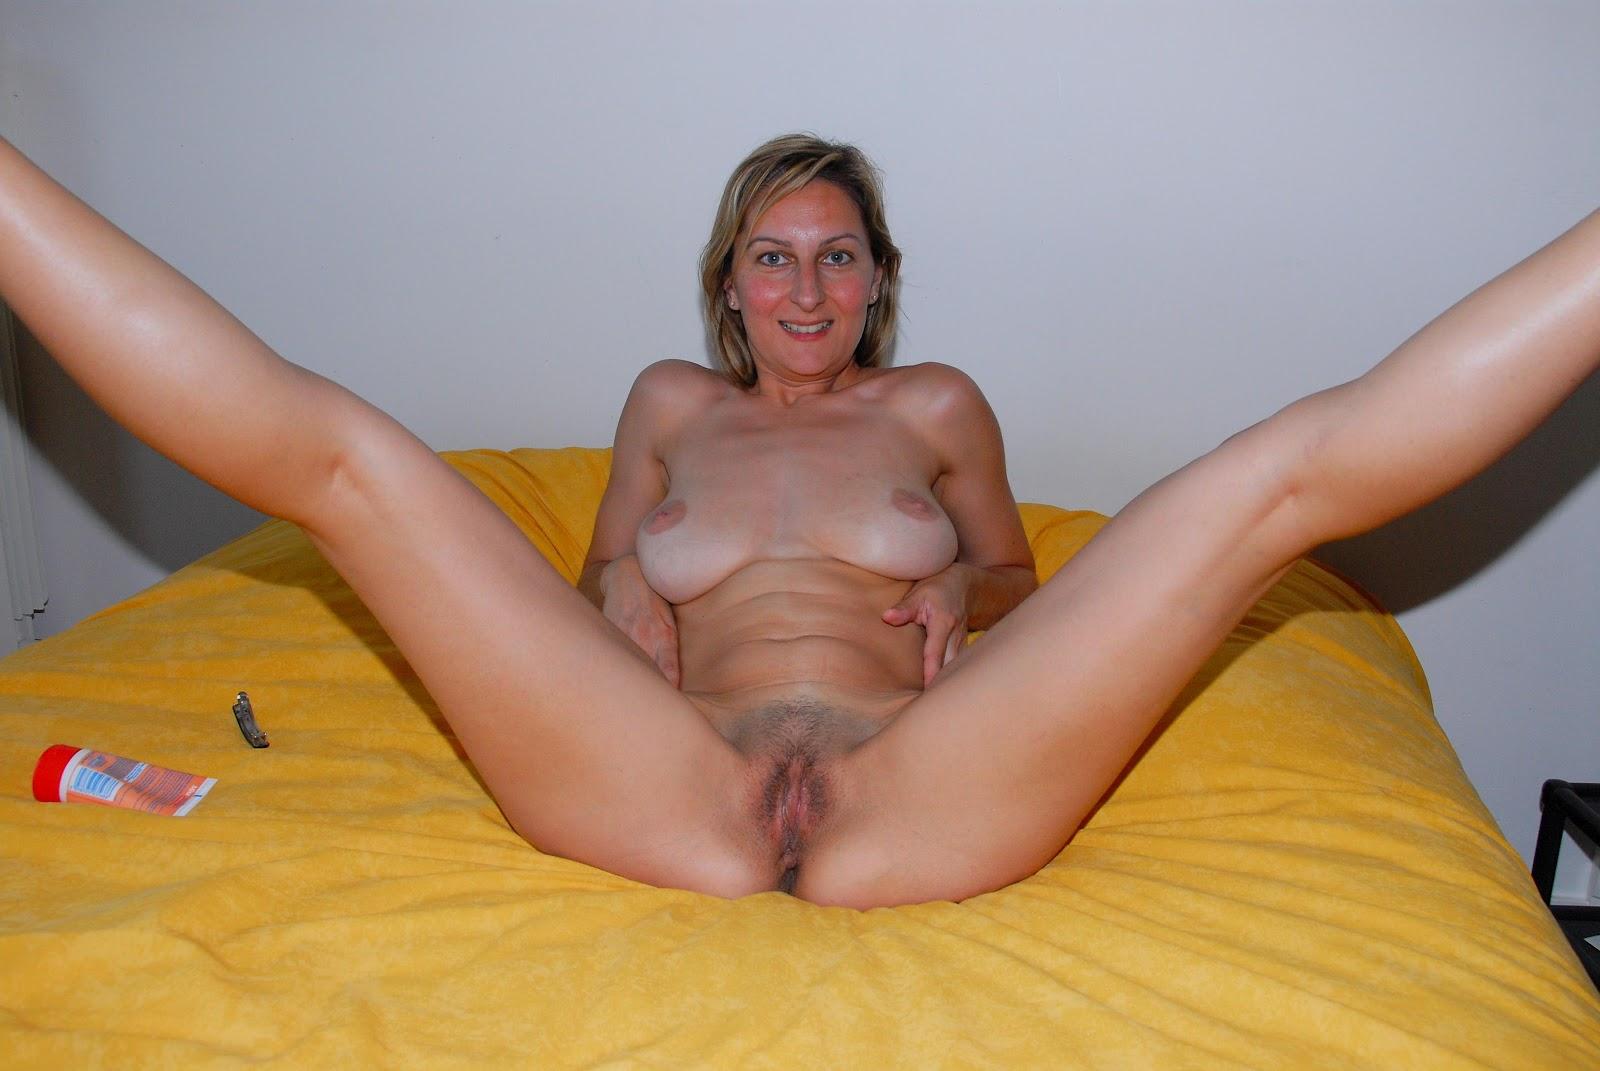 Зрелых женщин показать интимные места